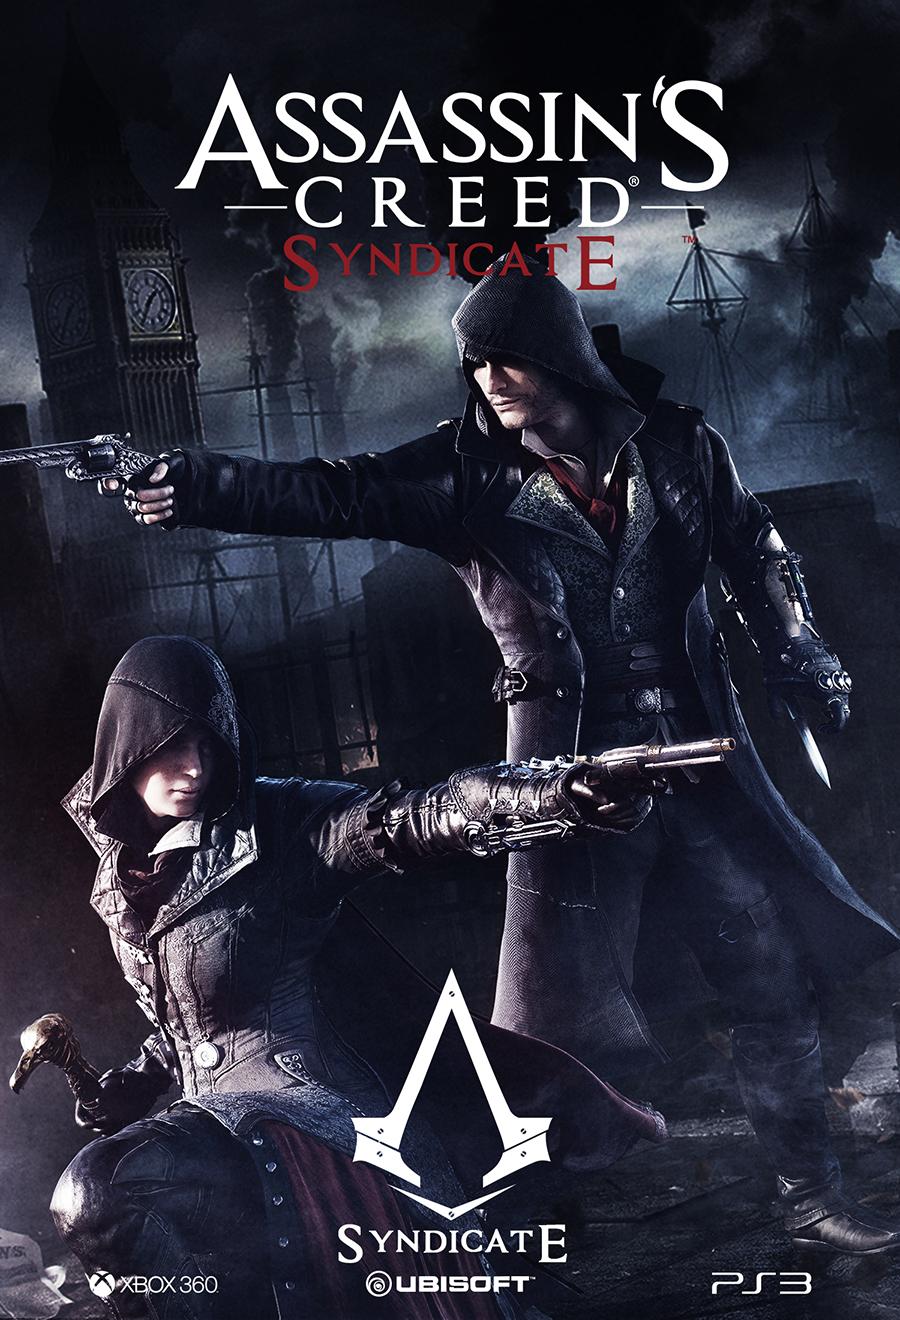 查看《【刺客信条】Assassin海报练习搞-分享PSD》原图,原图尺寸:900x1320